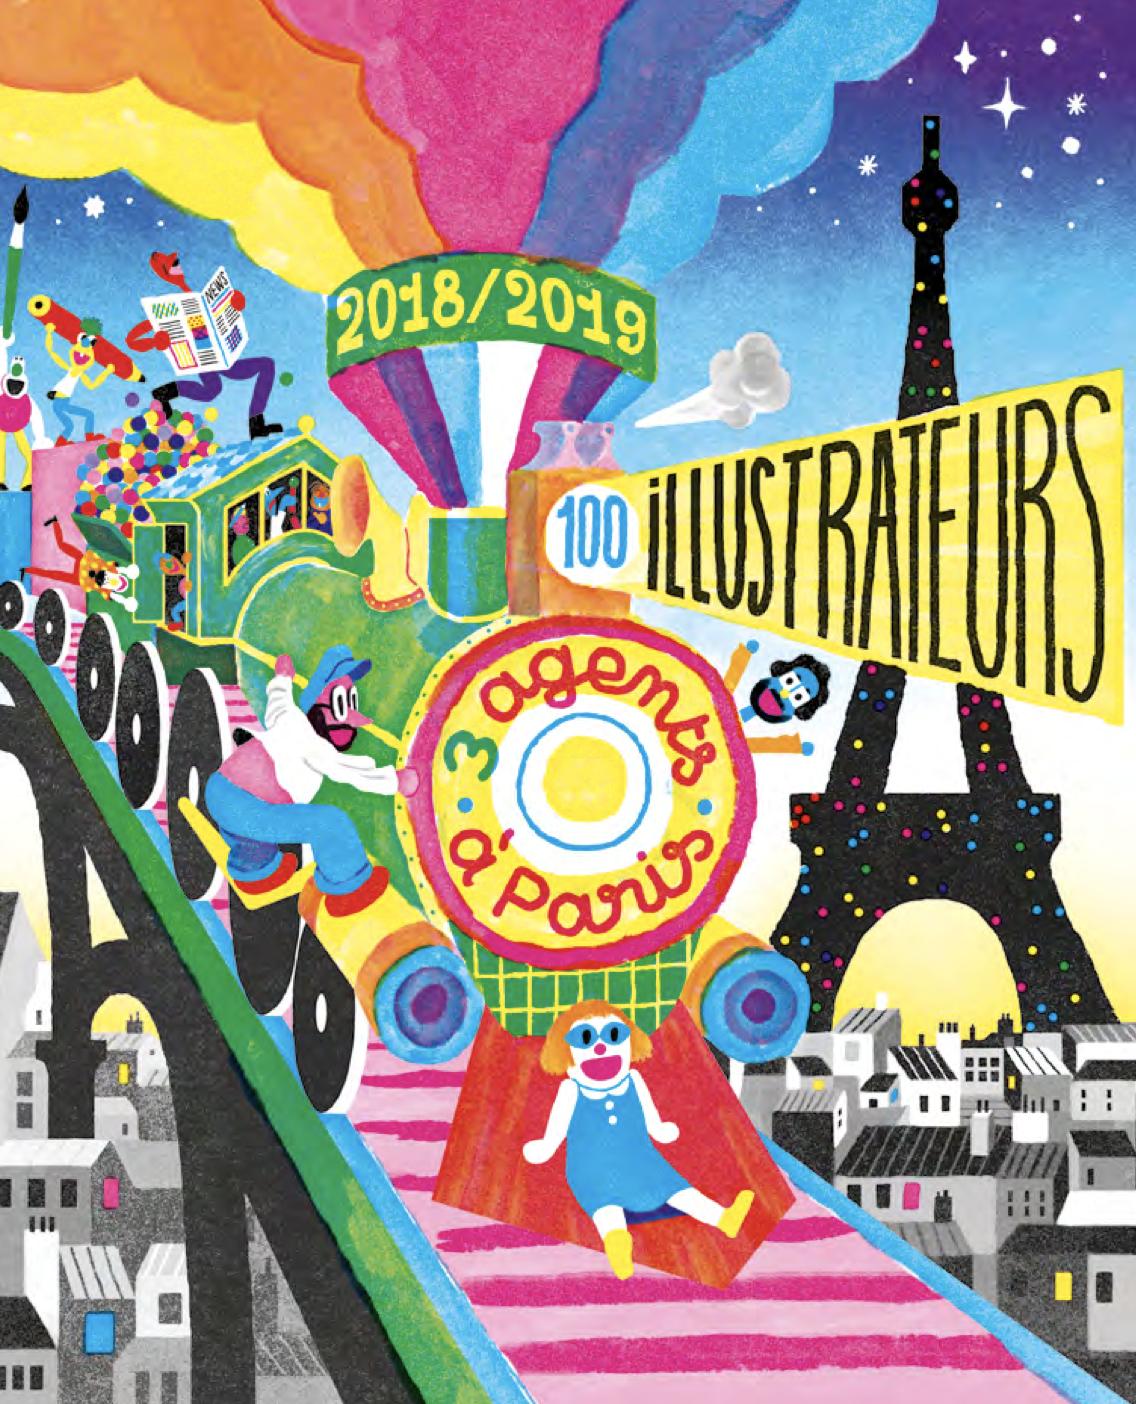 Découvrez ce catalogue de 256 pages de belles illustrations et de nouveaux talents ! | 25 euros, 1k08, 256 pages, 3 agents, 100 illustrateurs